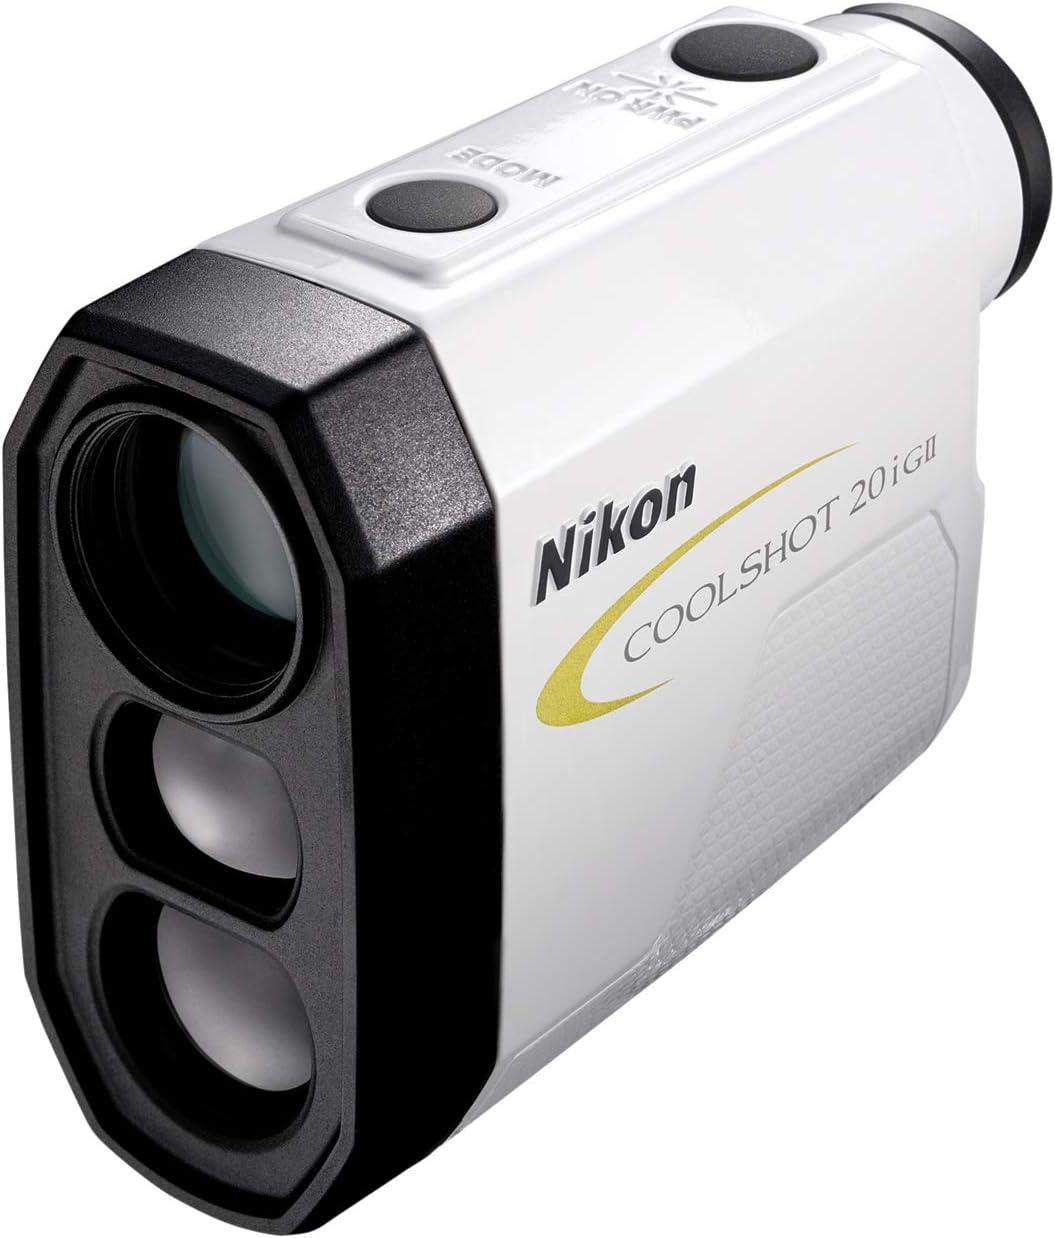 Nikon Cool shot20 Best laser rangefinder 2020